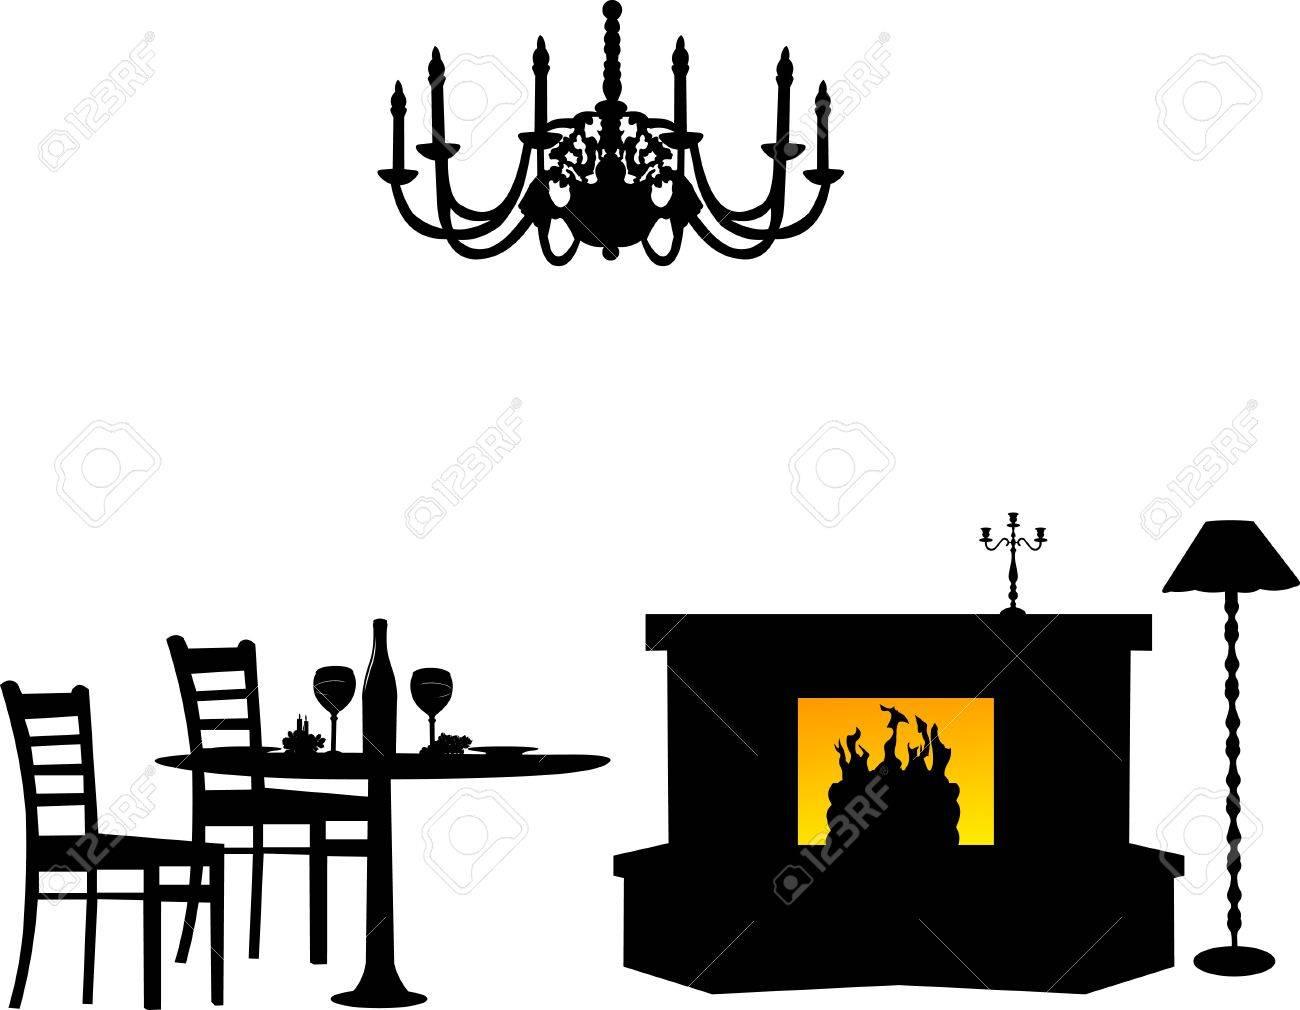 Rea De Comedor Muebles De Interior De La Silueta Del Dise O  # Muebles Deinterior